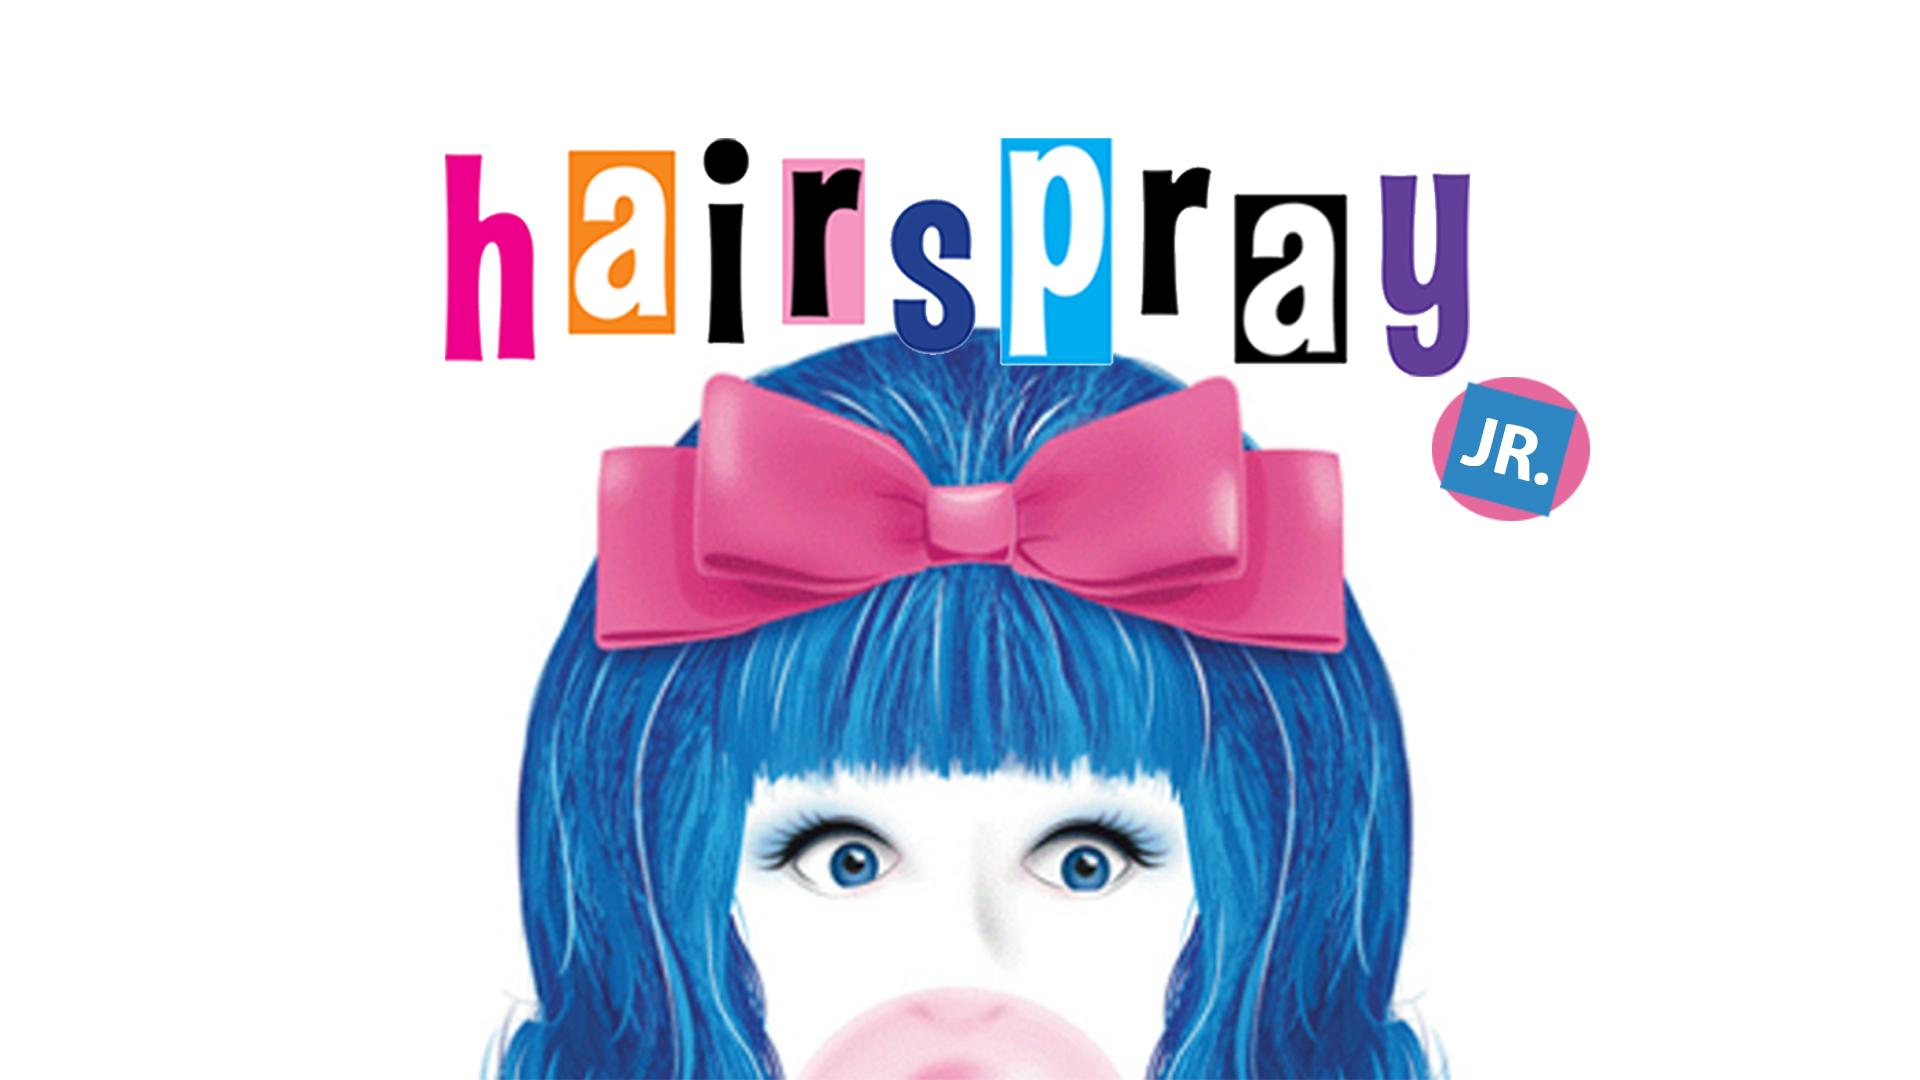 hairspray jr logo - photo #7